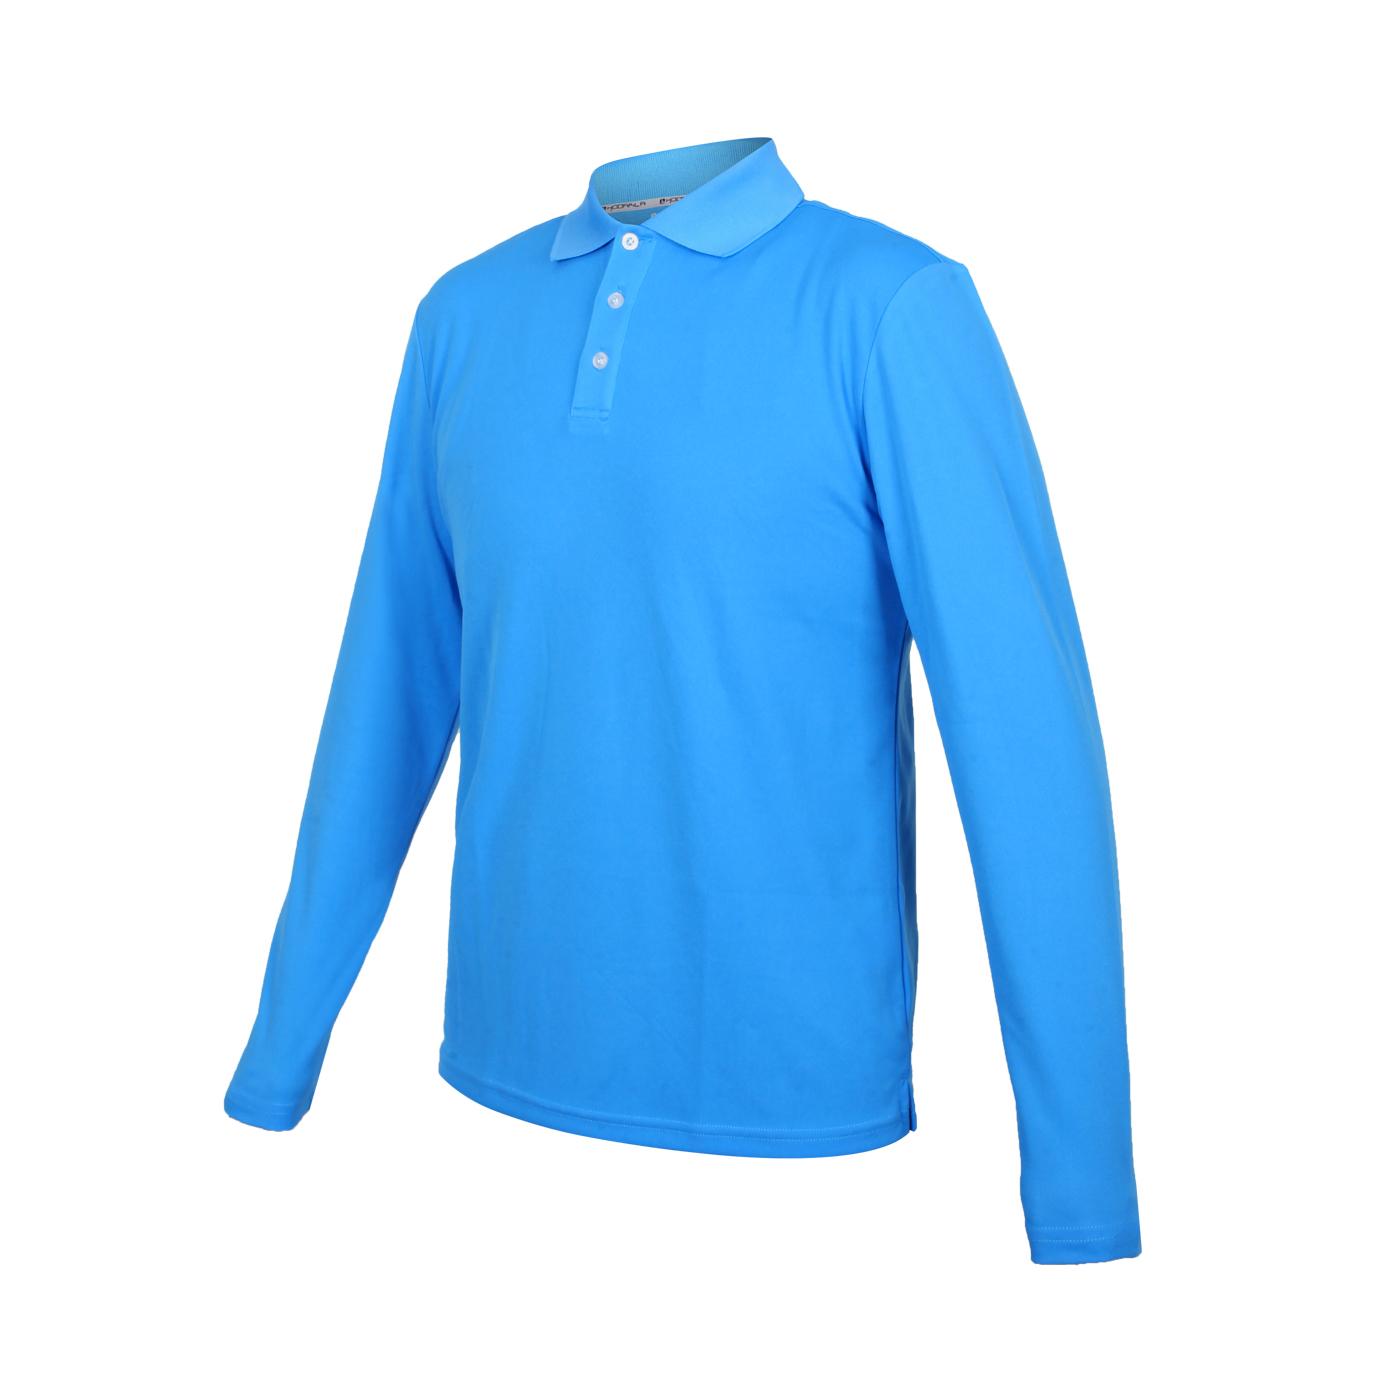 HODARLA 星際吸濕排汗長袖POLO衫 3161301 - 亮藍